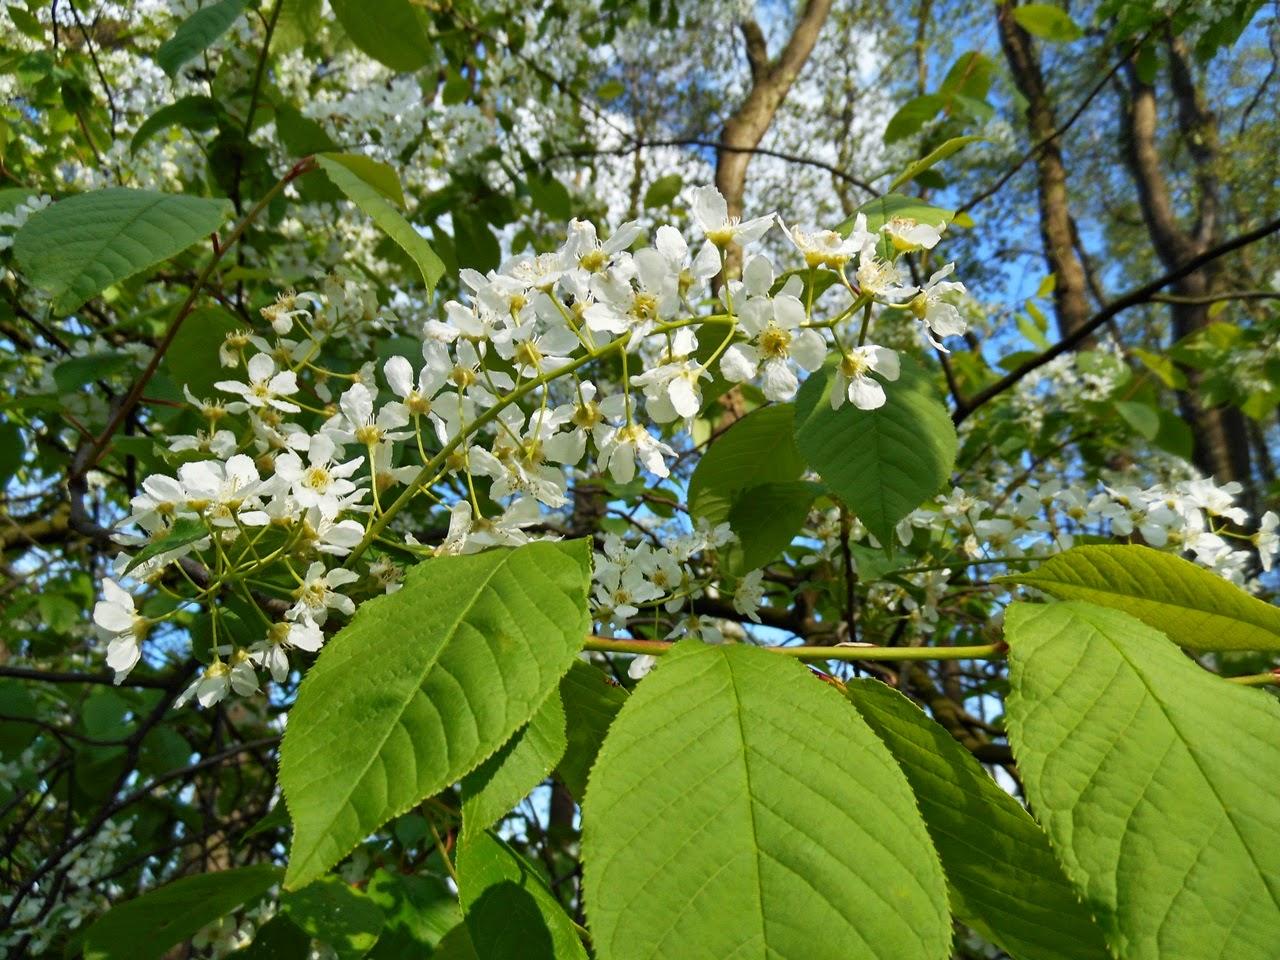 rośliny, drzewa, kwitnięcie, zdjęcie